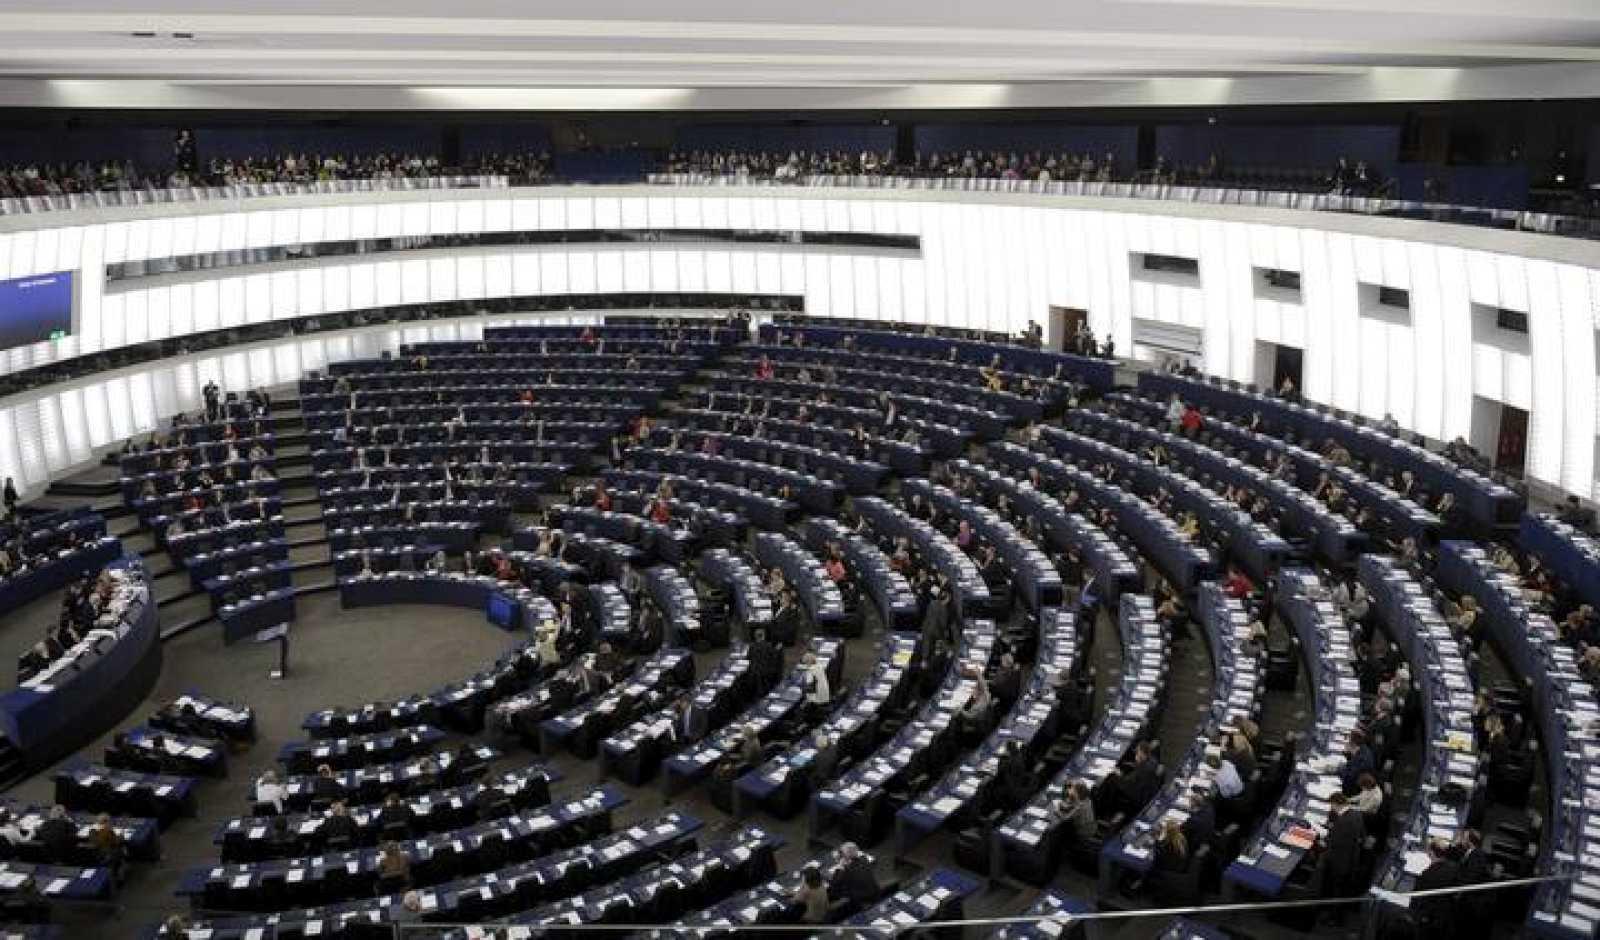 Vista general del hemiciclo del Parlamento Europeo durante una sesión plenaria en Estrasburgo, en Francia